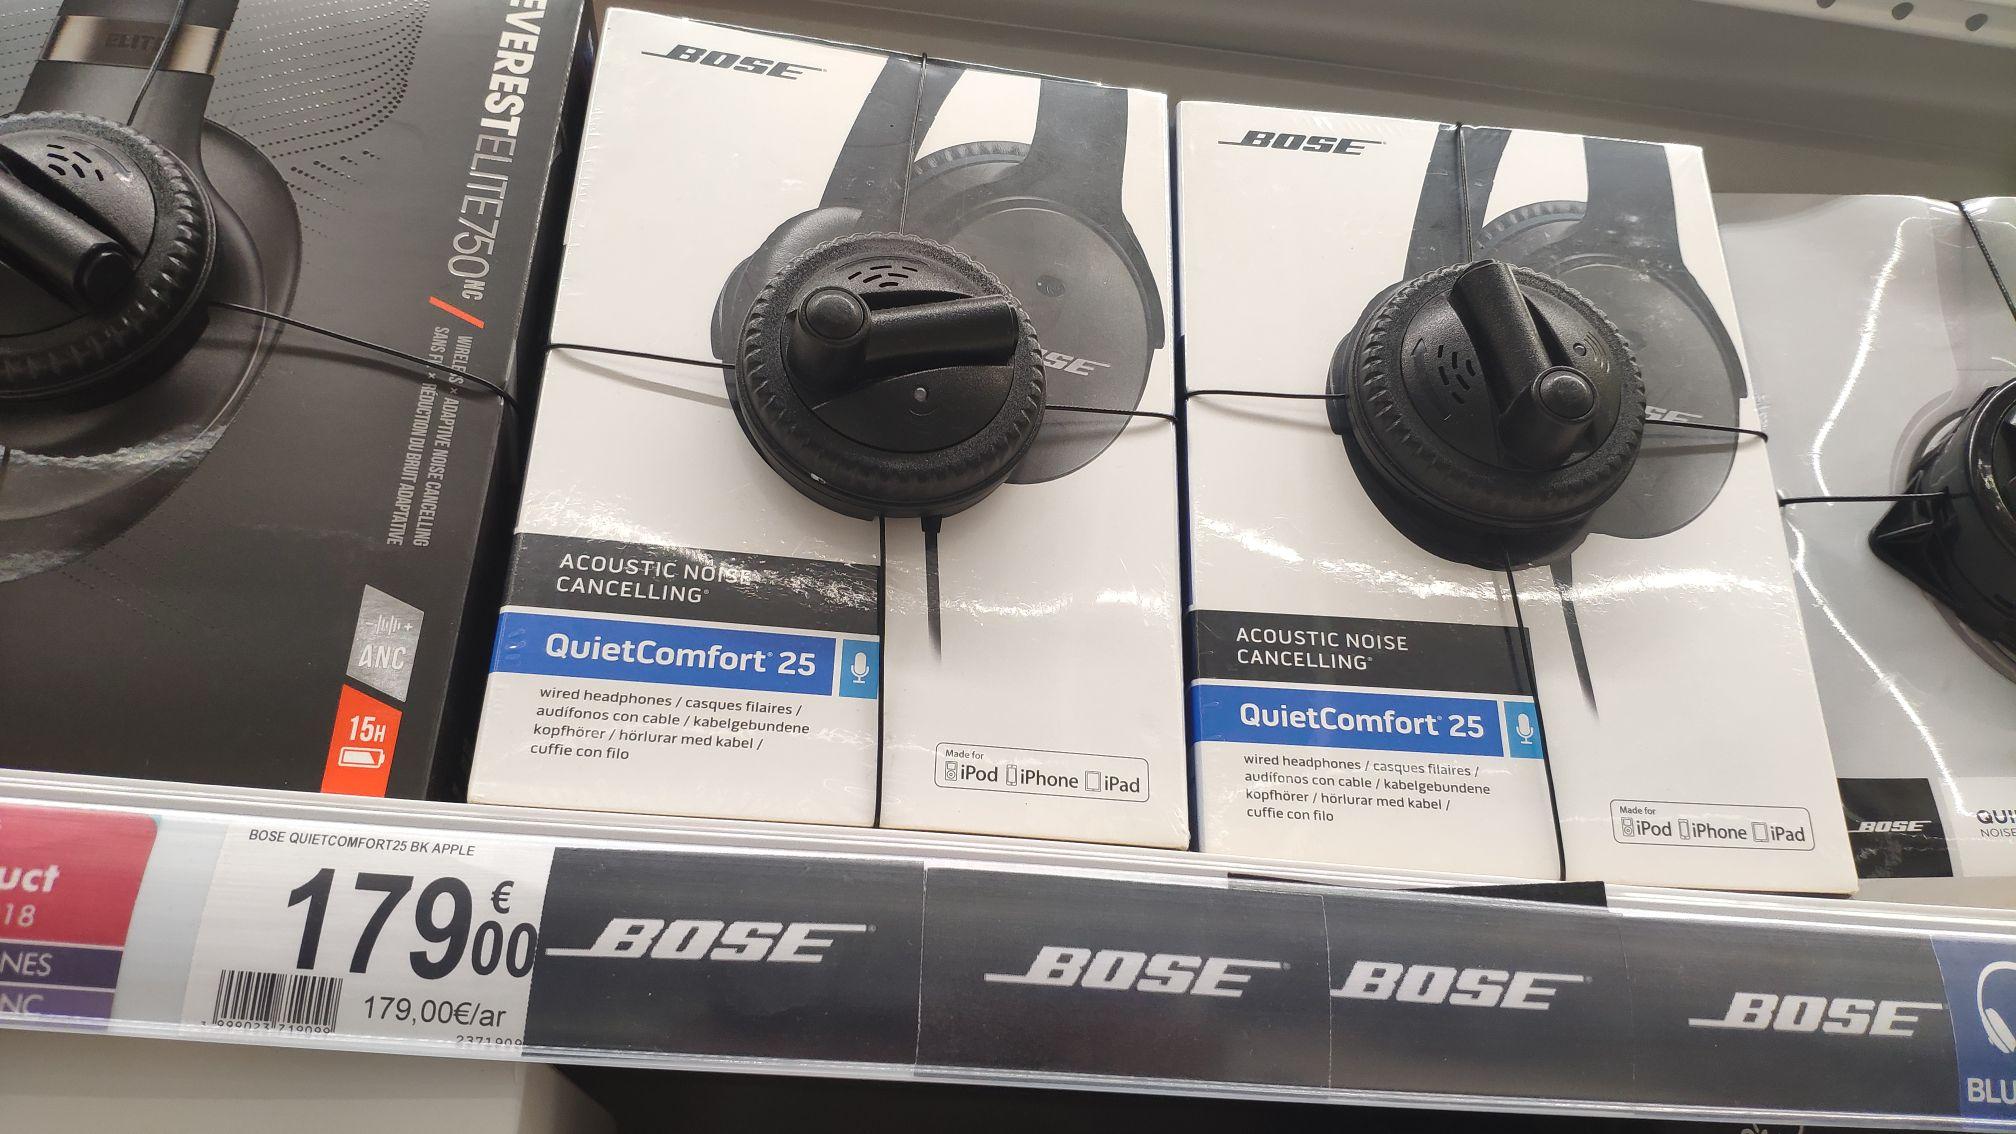 Casque audio Bose QuietComfort 25 Apple (noir) - Kirchberg (frontaliers Luxembourg)